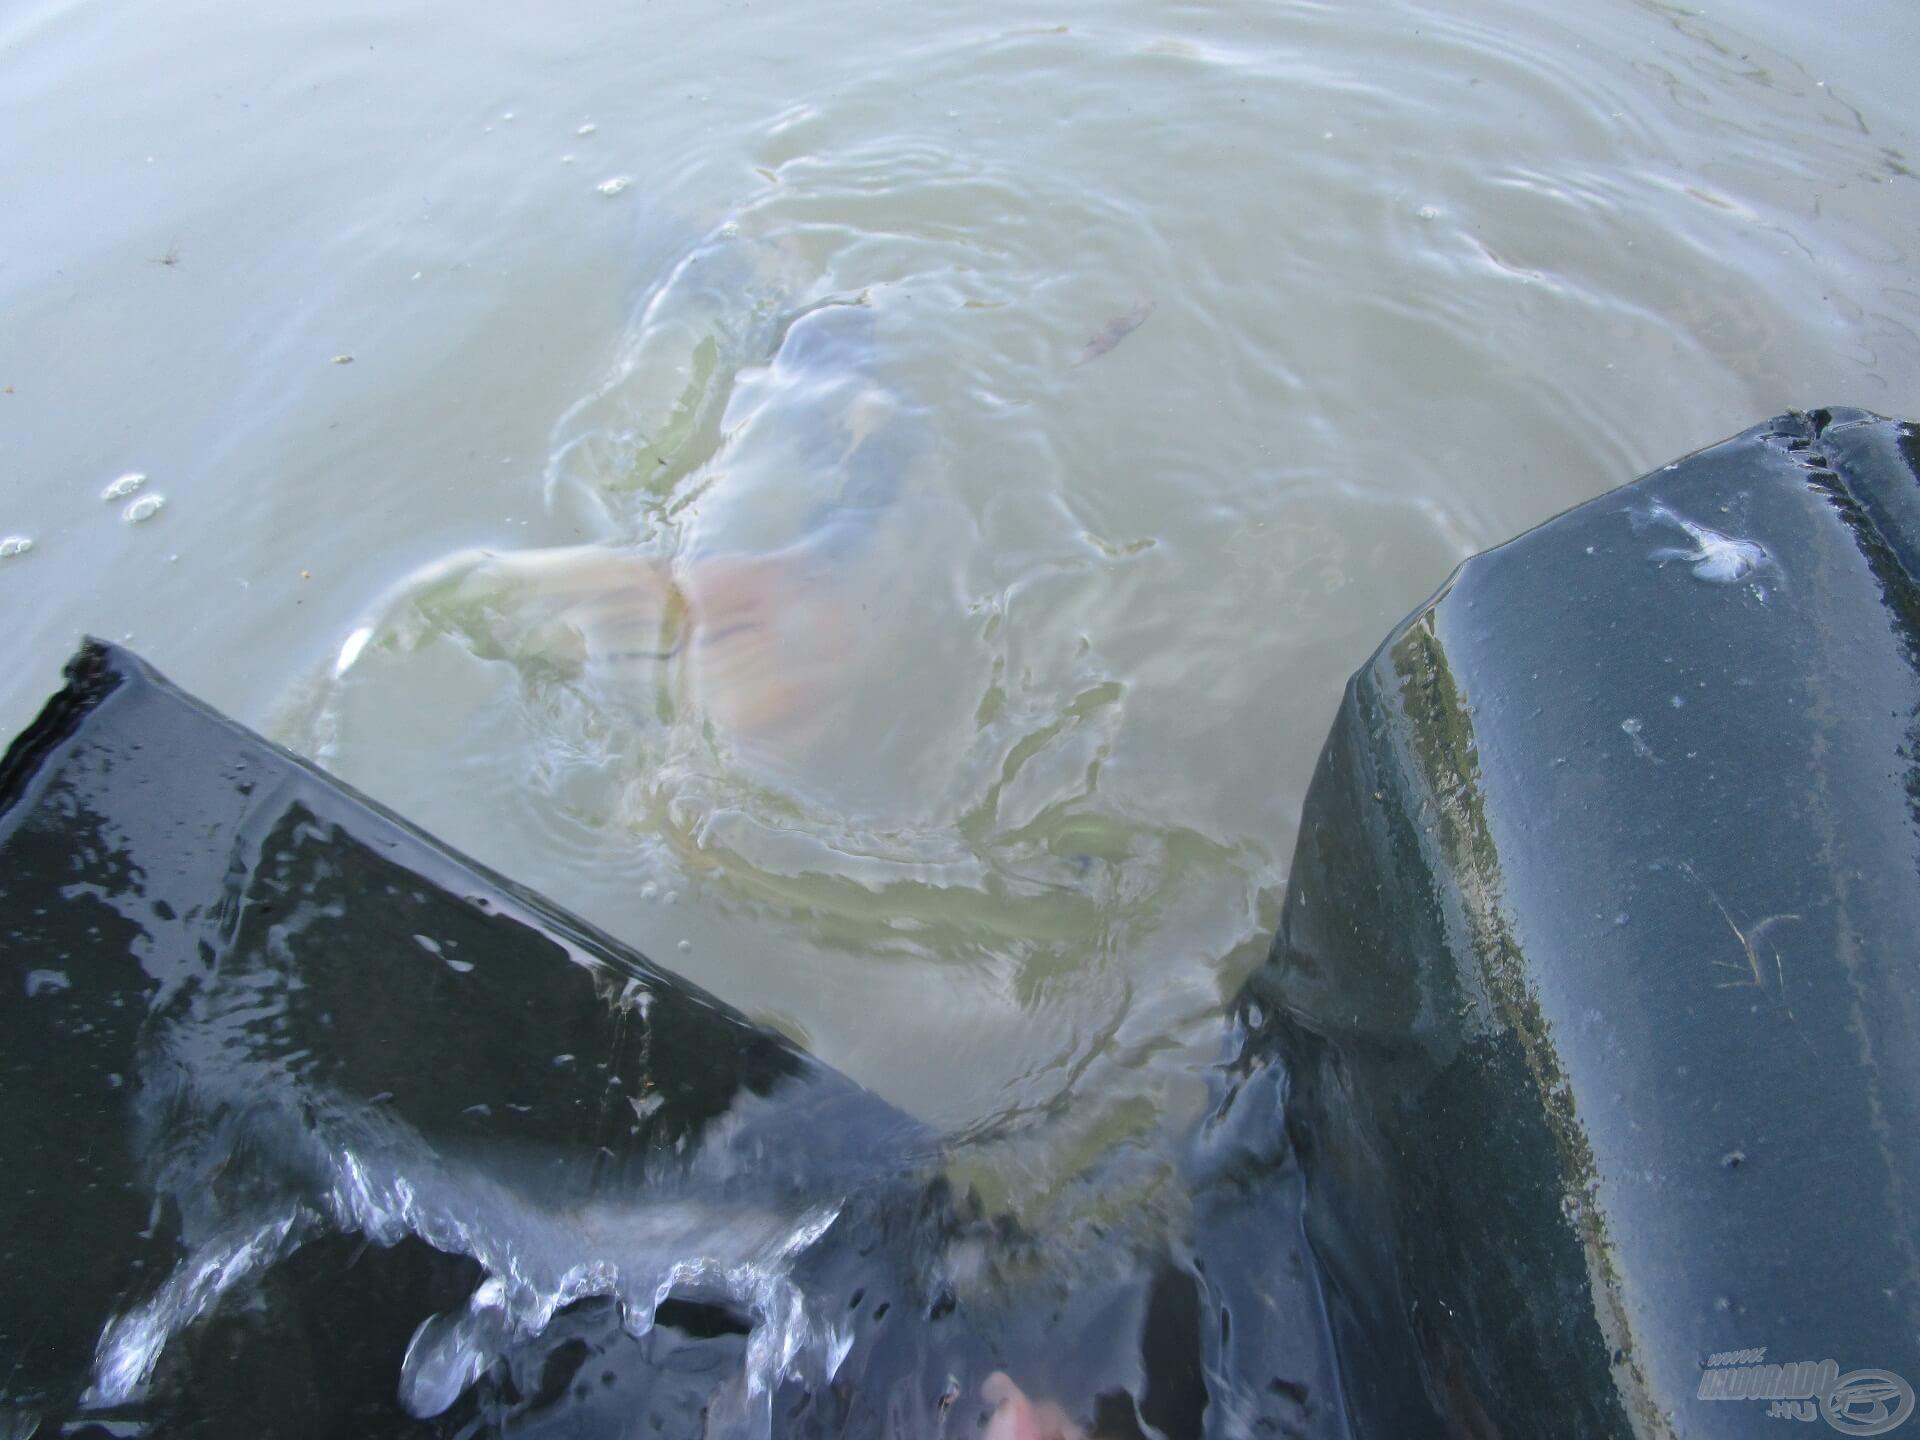 A tóból fogott koi pontyot a lehető leghamarabb vissza kell engedni!